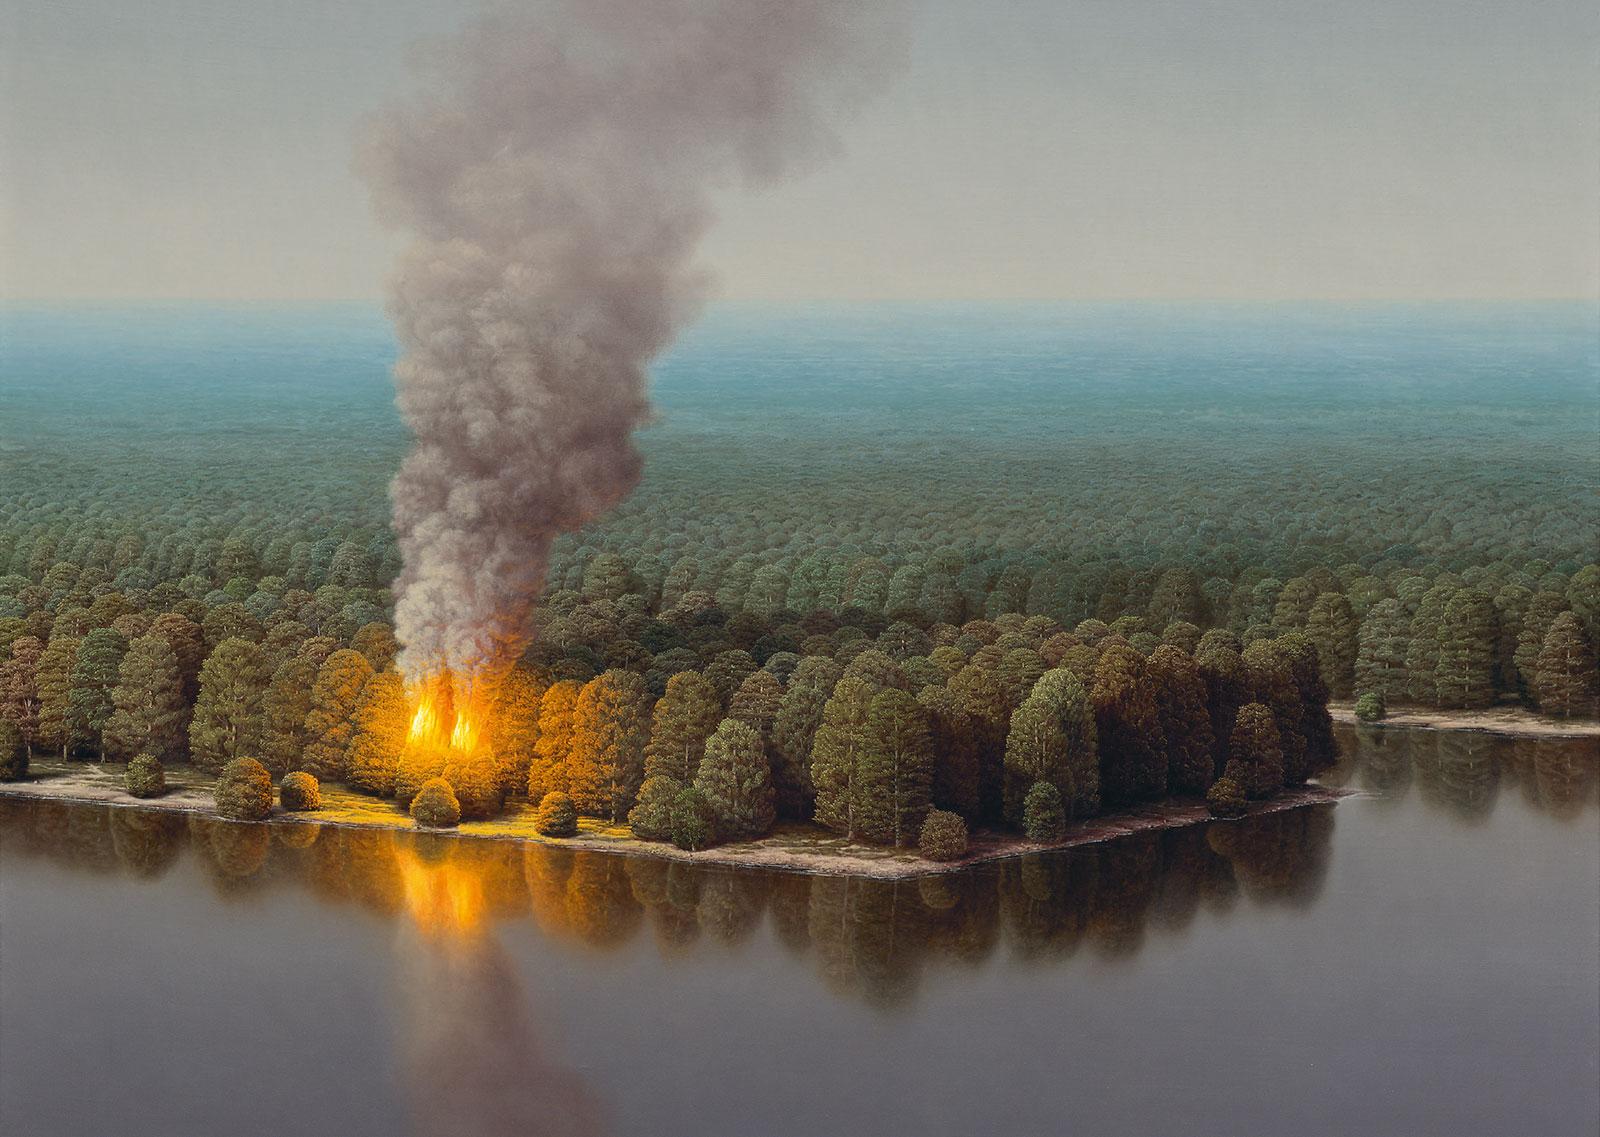 Markus Matthias Krüger Zwei brennende Bäume, 2015 (Ausschnitt)